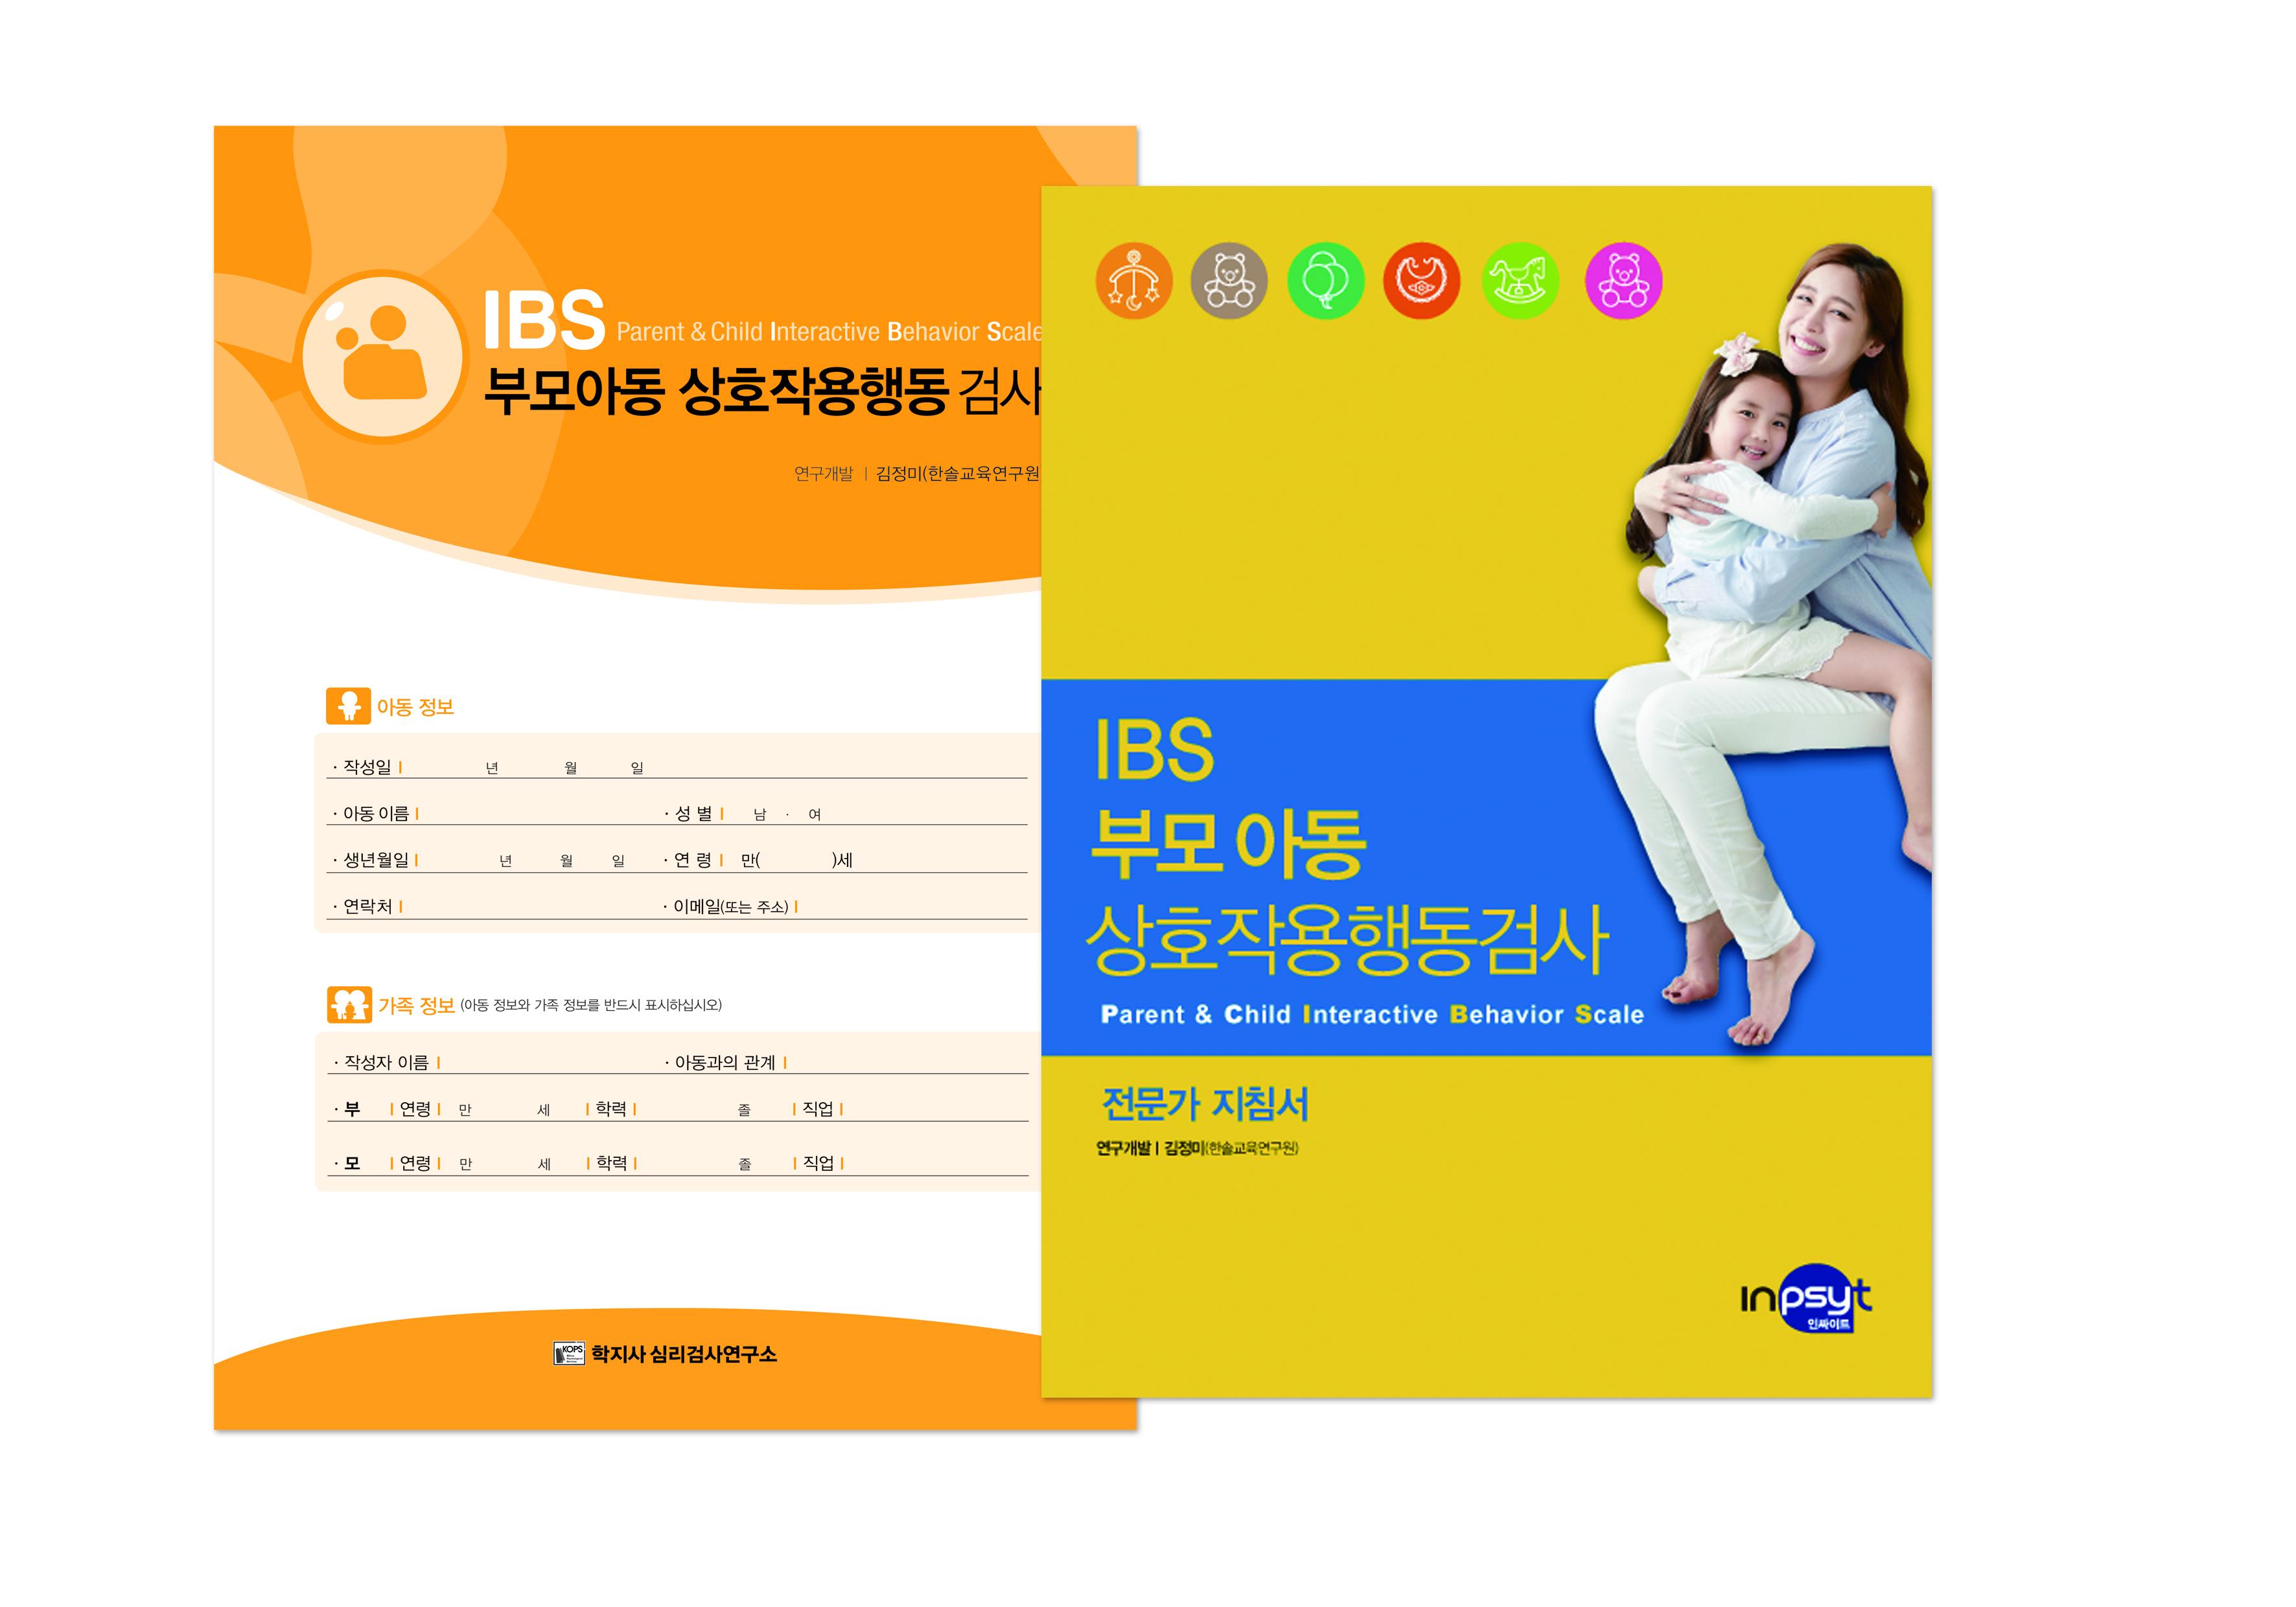 IBS부모아동상호작용행동검사.jpg